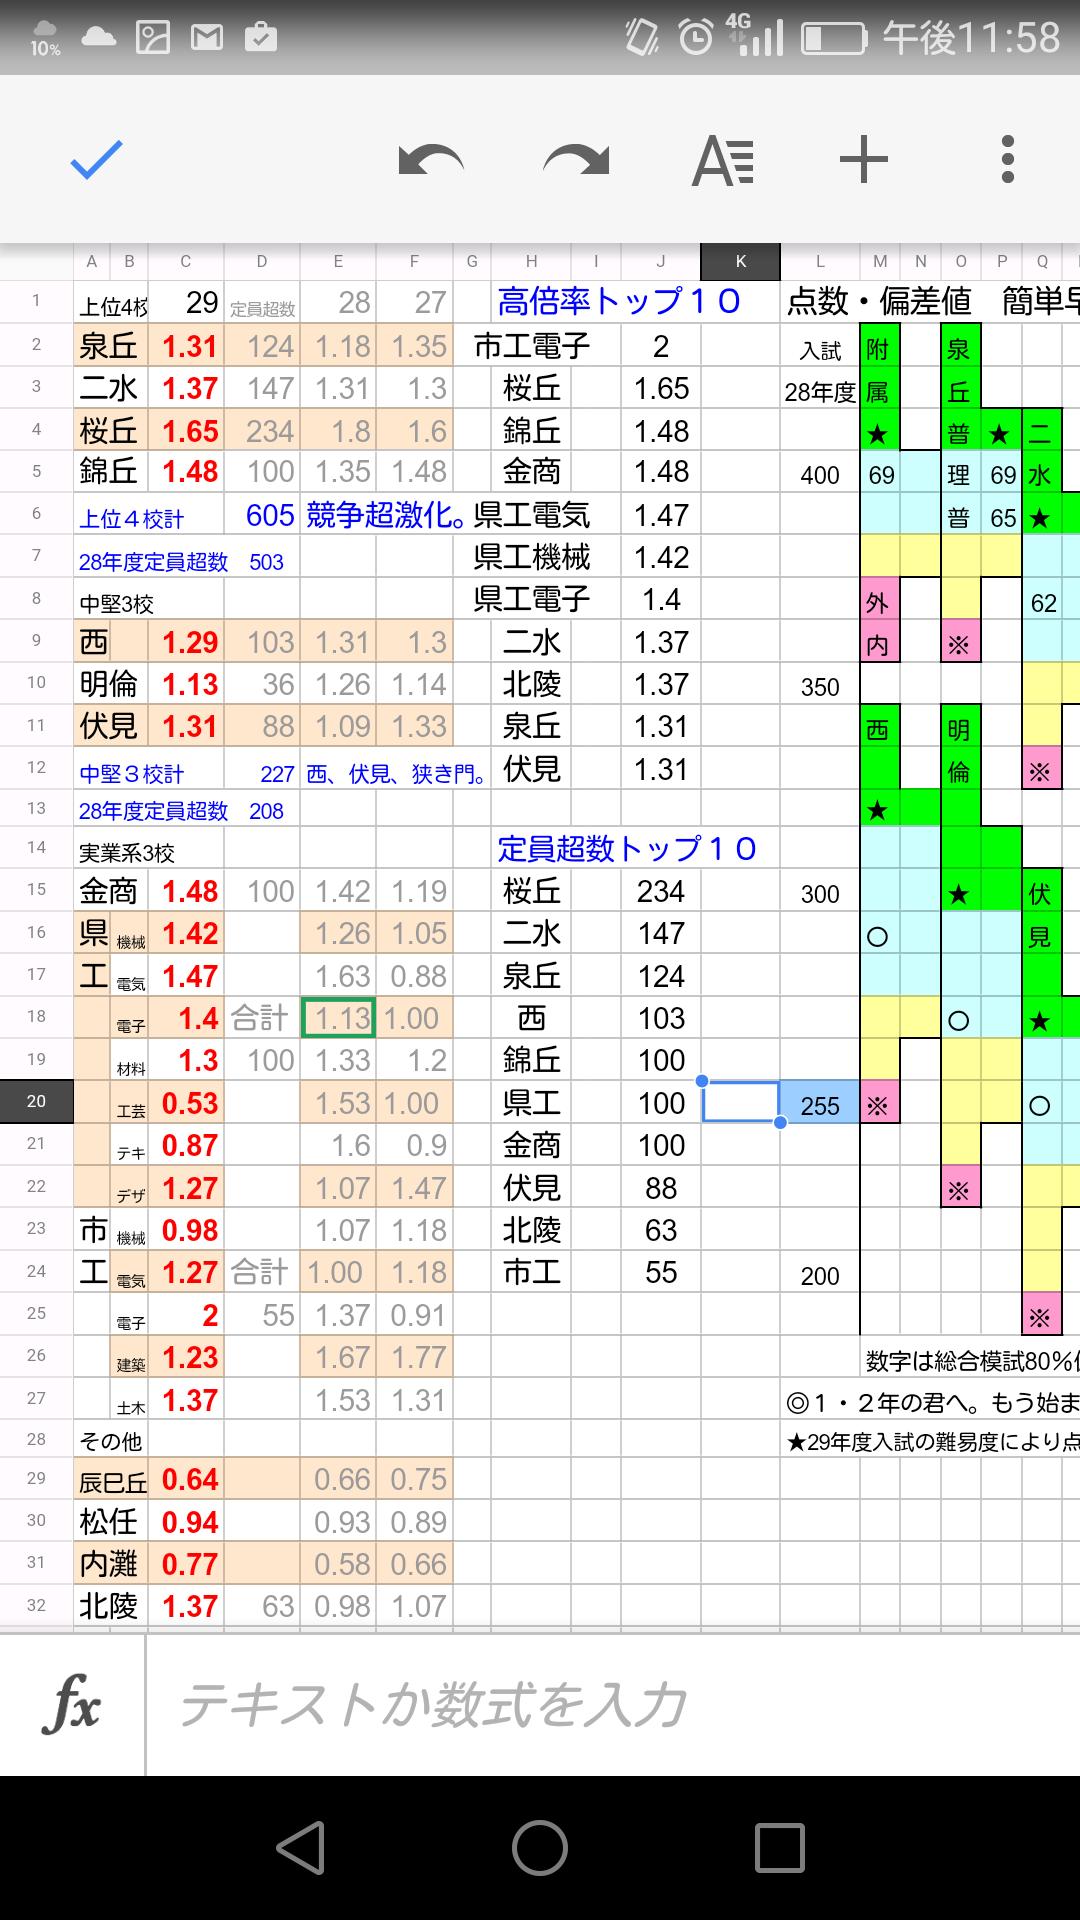 公立 倍率 県 石川 高校